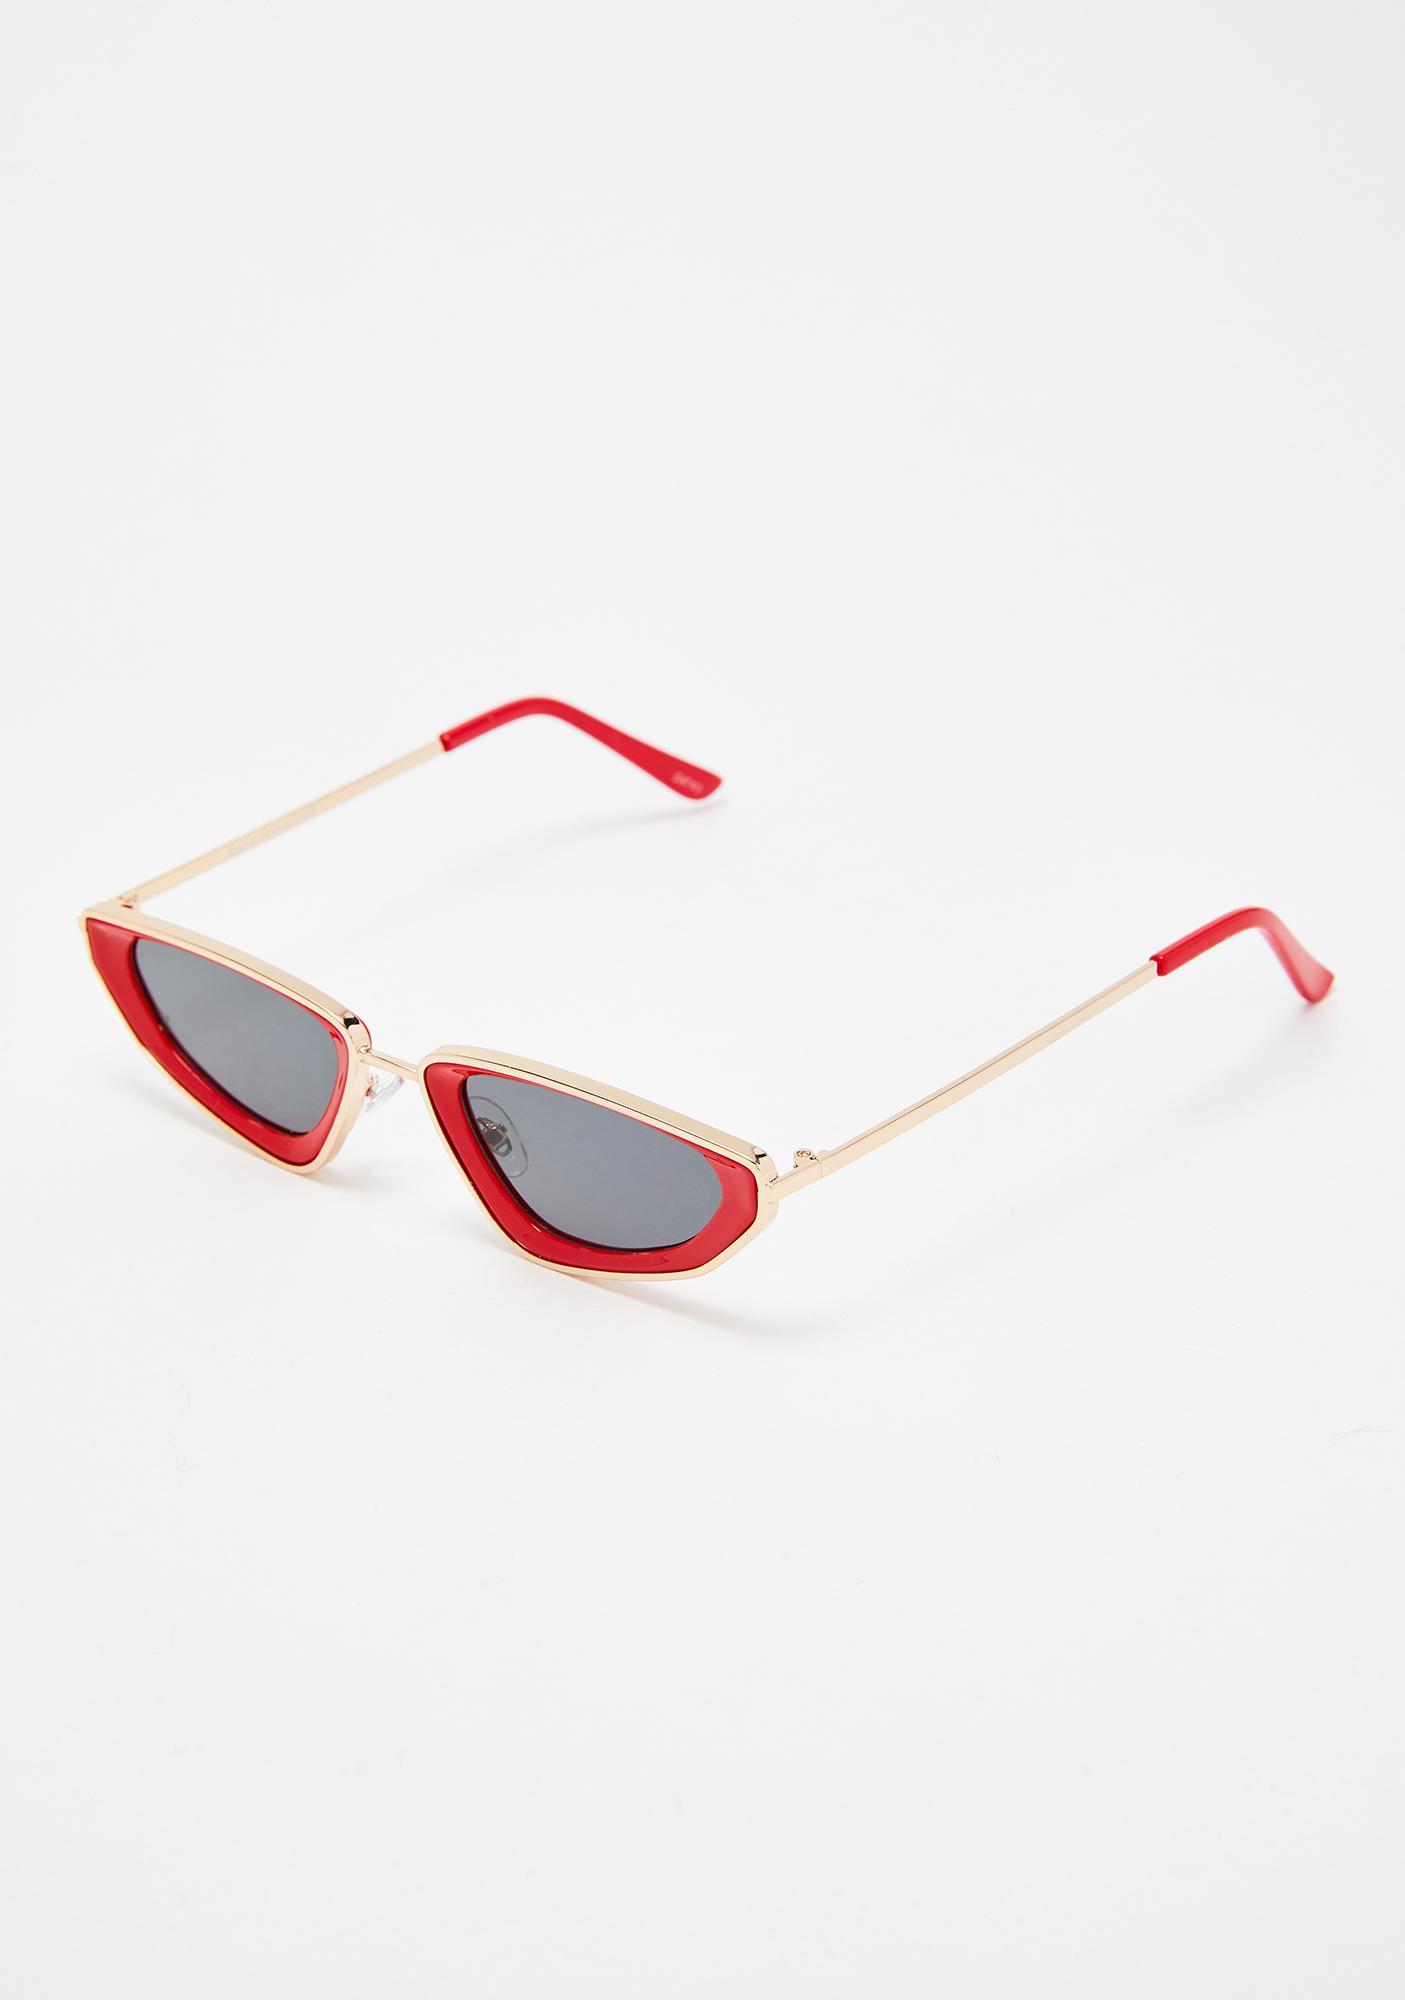 Hot Classy But Sassy Tiny Sunglasses